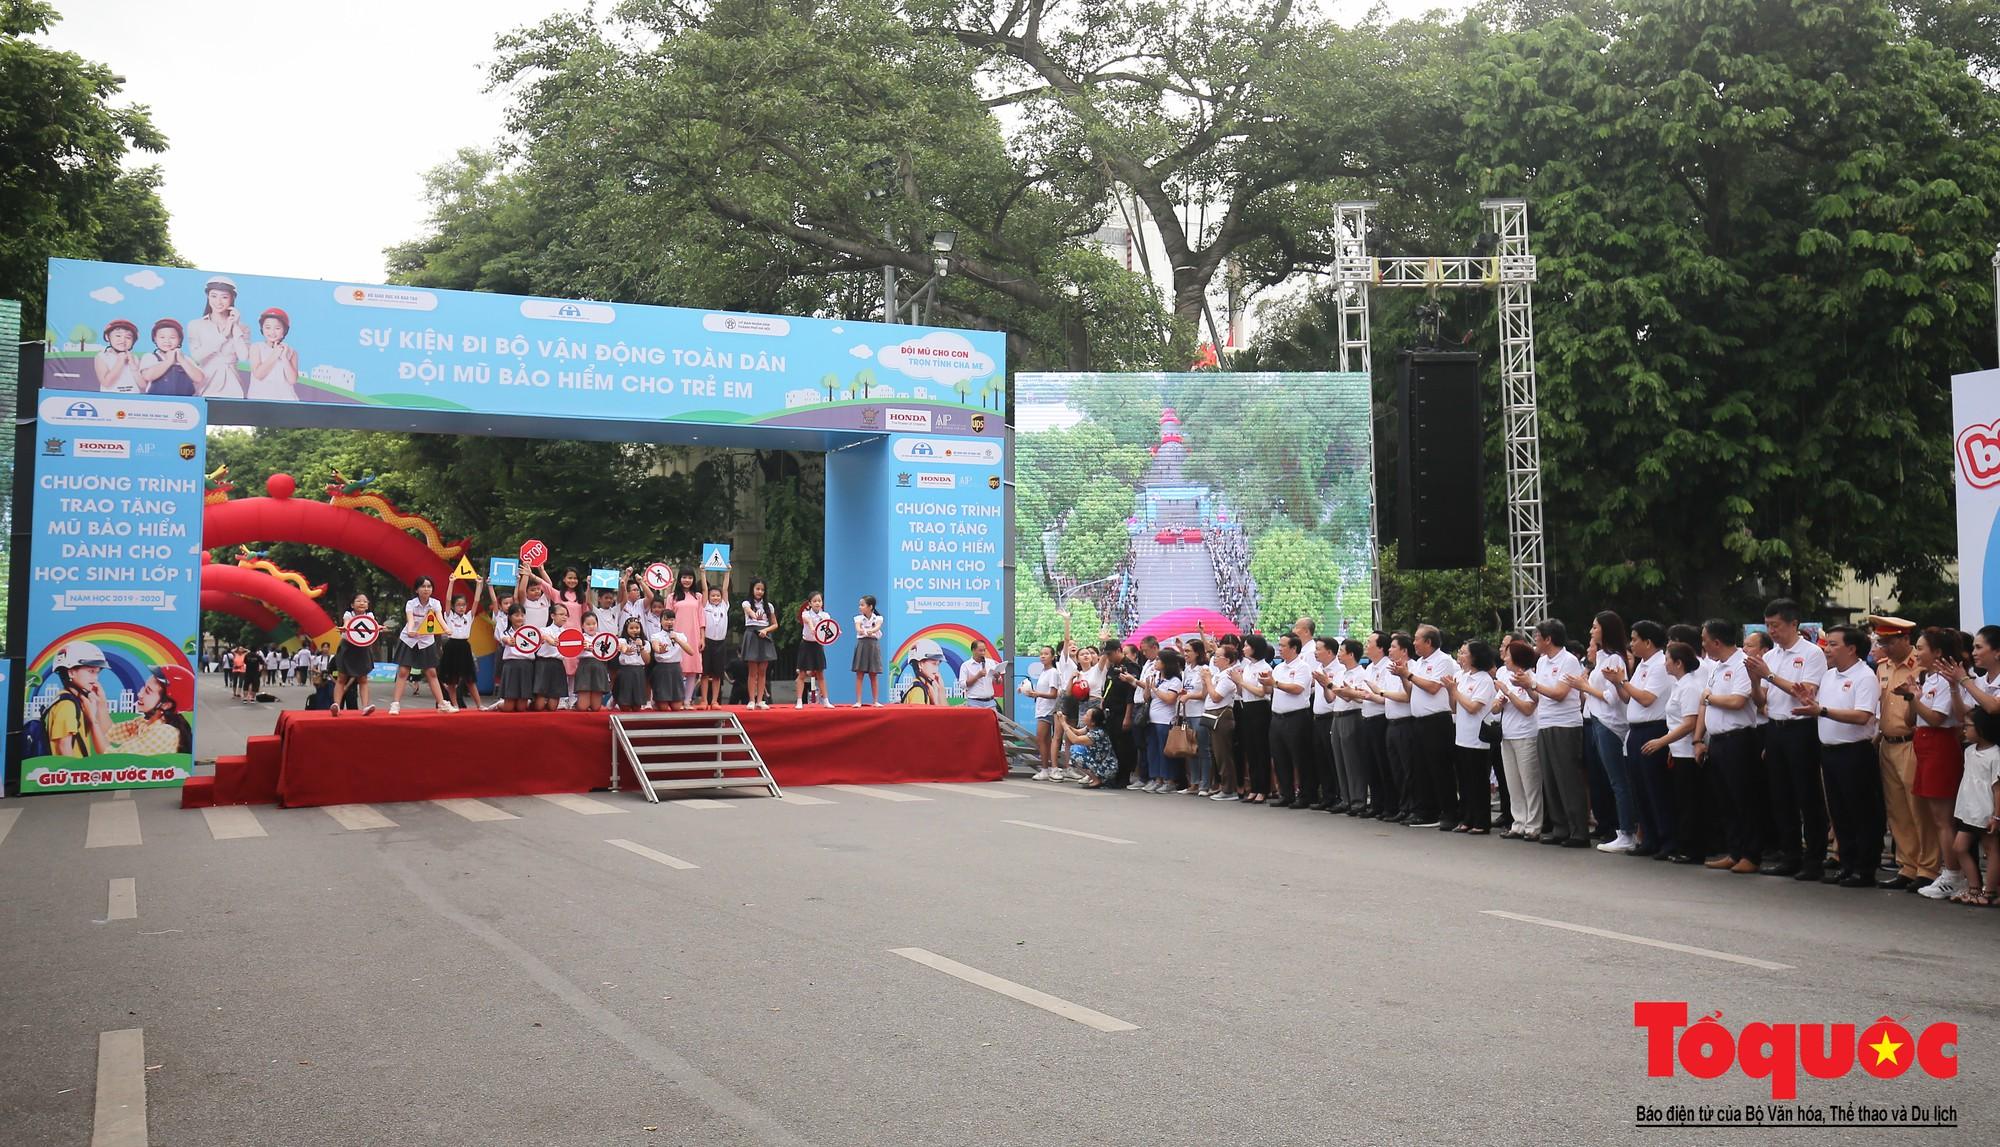 """Gần 4000 em nhỏ cùng gia đình đi bộ vận động toàn dân""""Đội mũ bảo hiểm cho trẻ em"""" (1)"""